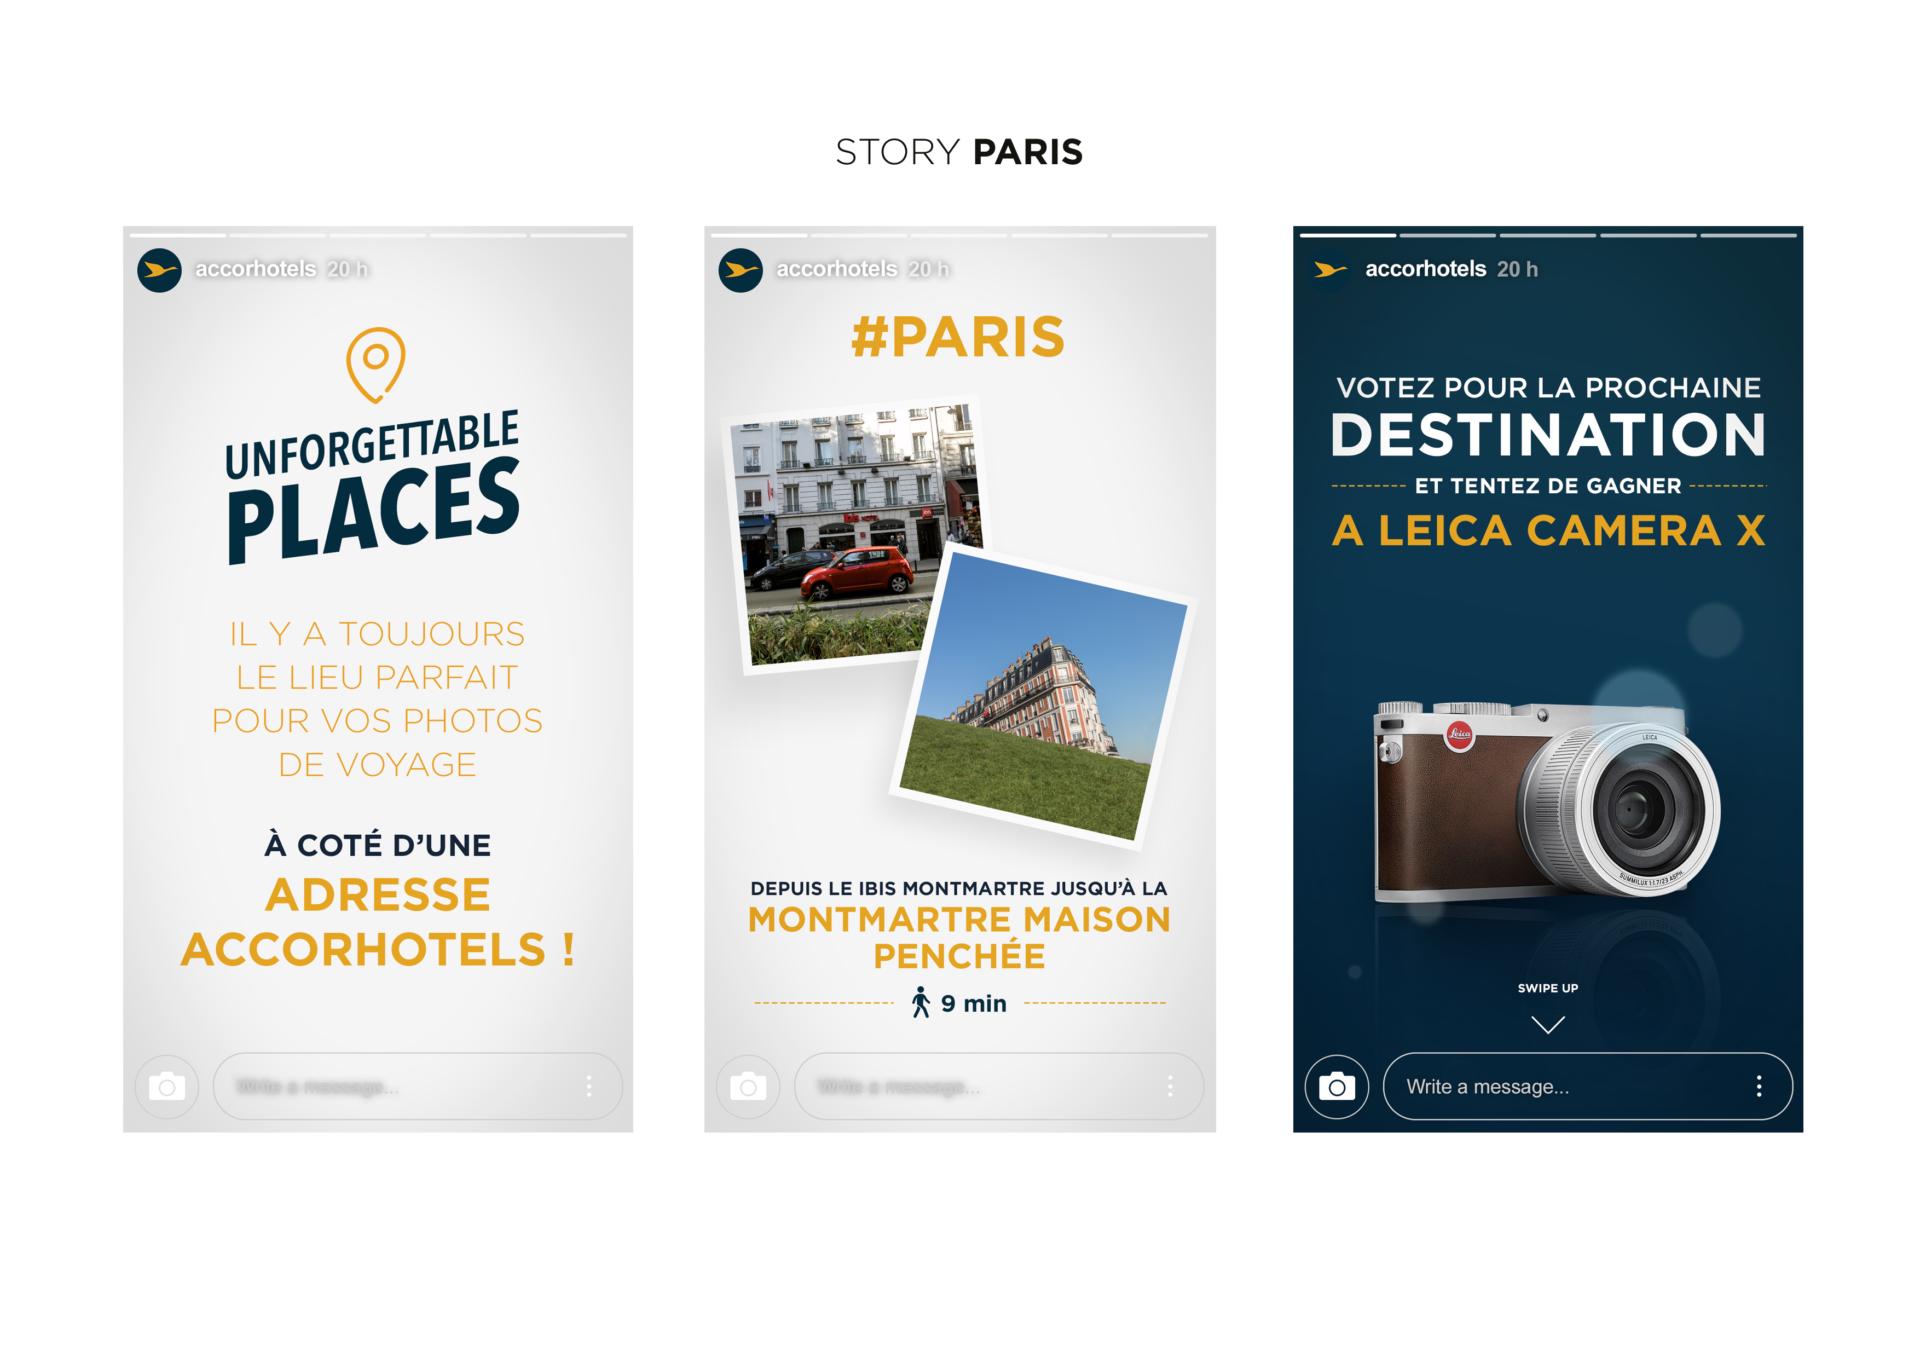 """Résultats de recherche d'images pour «stories instagram AccorHotels avec """"Unforgettable Places"""",»"""